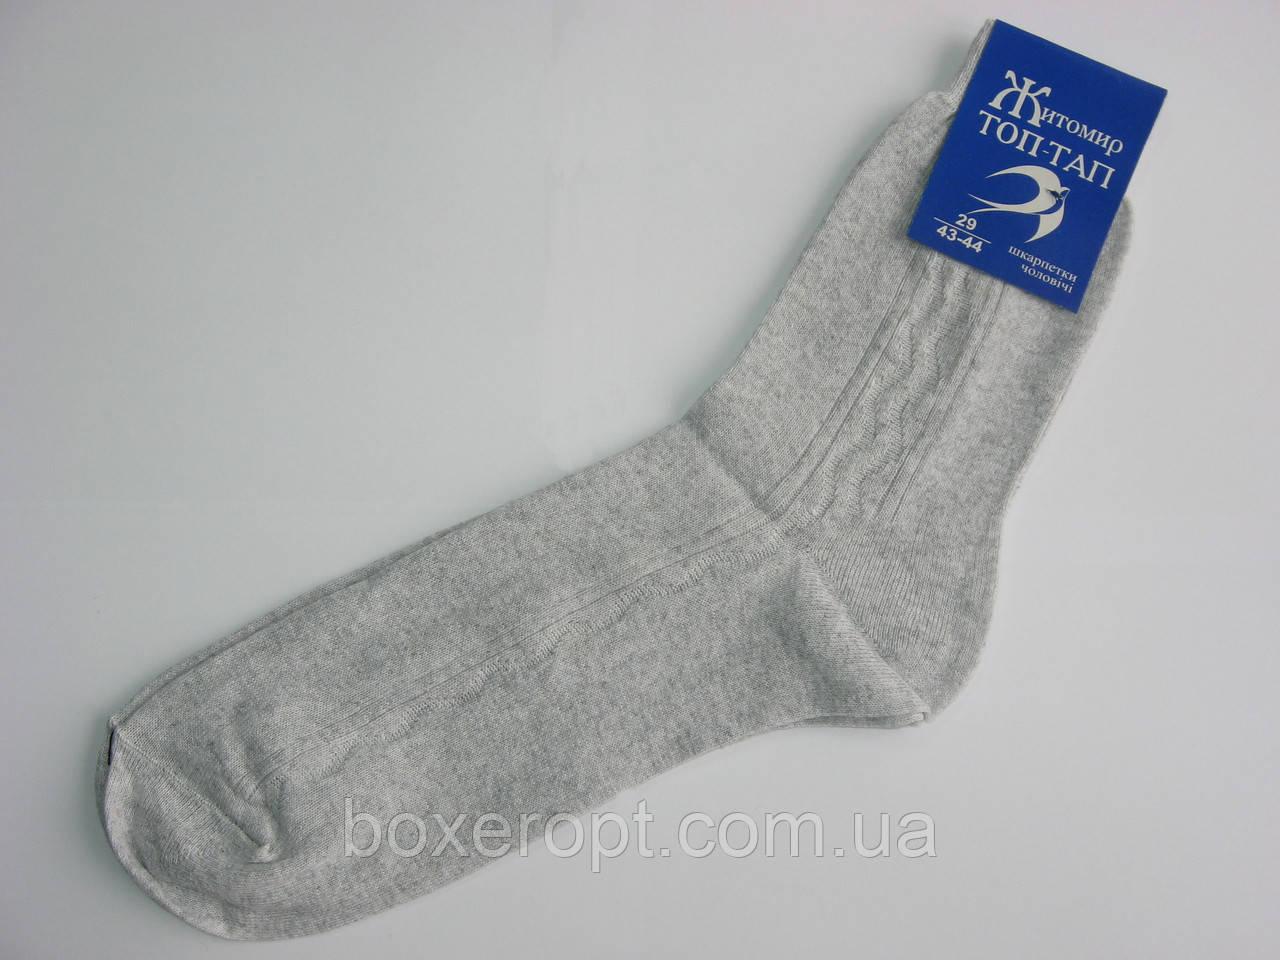 Мужские носки ТОП-ТАП - 6.30 грн./пара (гладь, светло-серые)